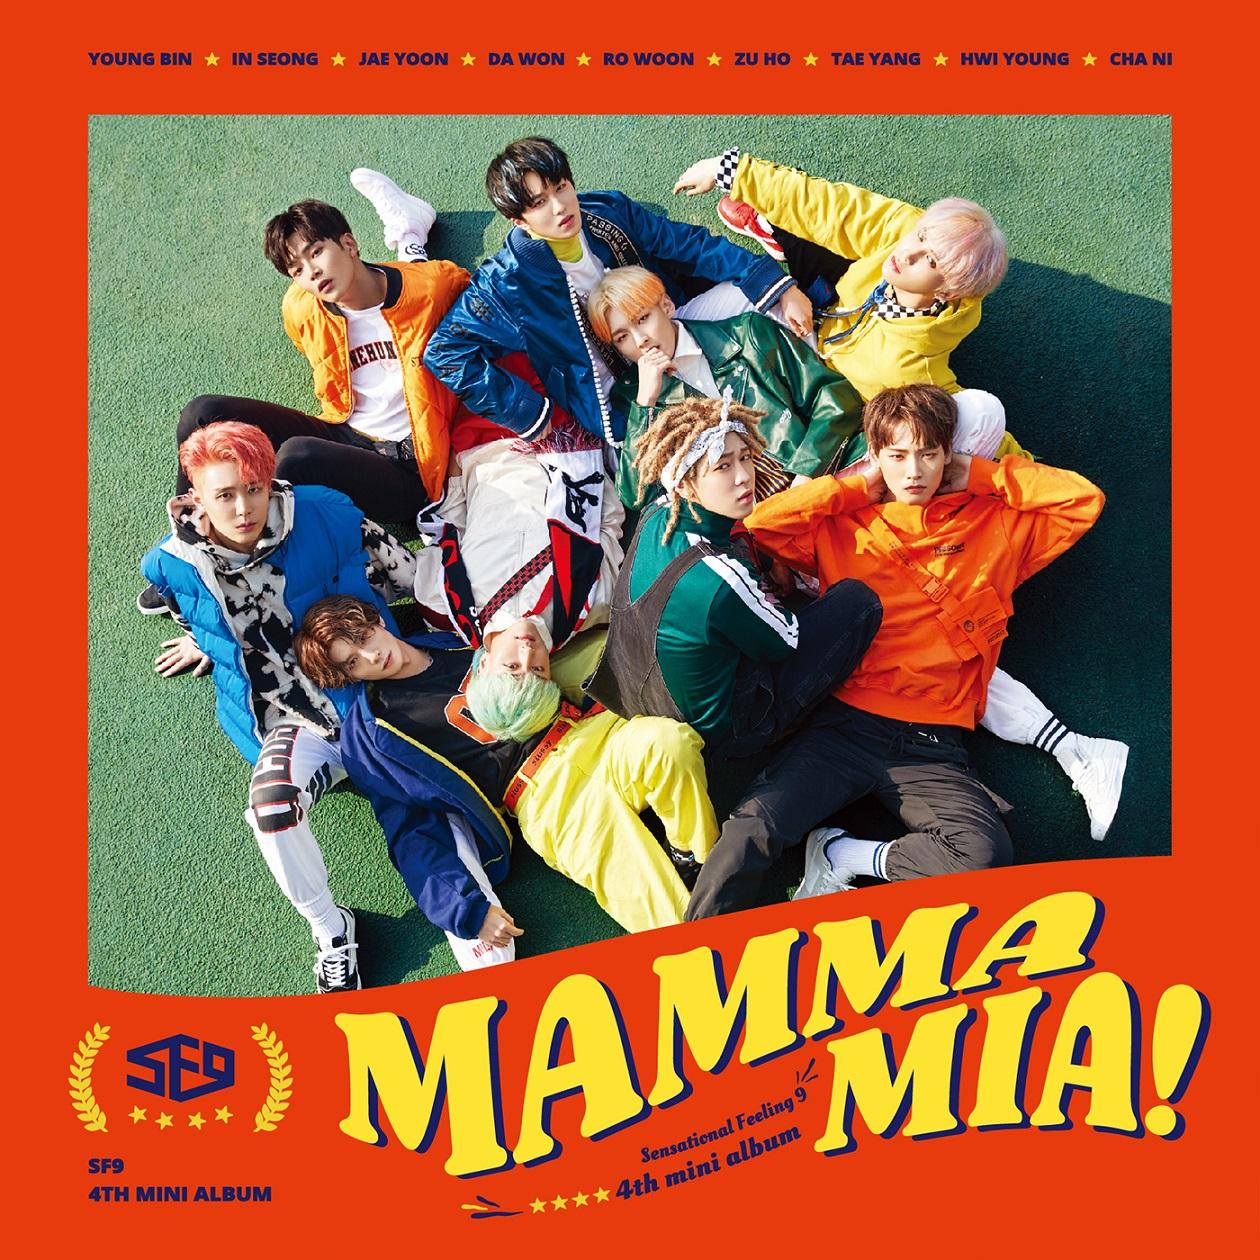 MAMMA MIA! (EP) - SF9